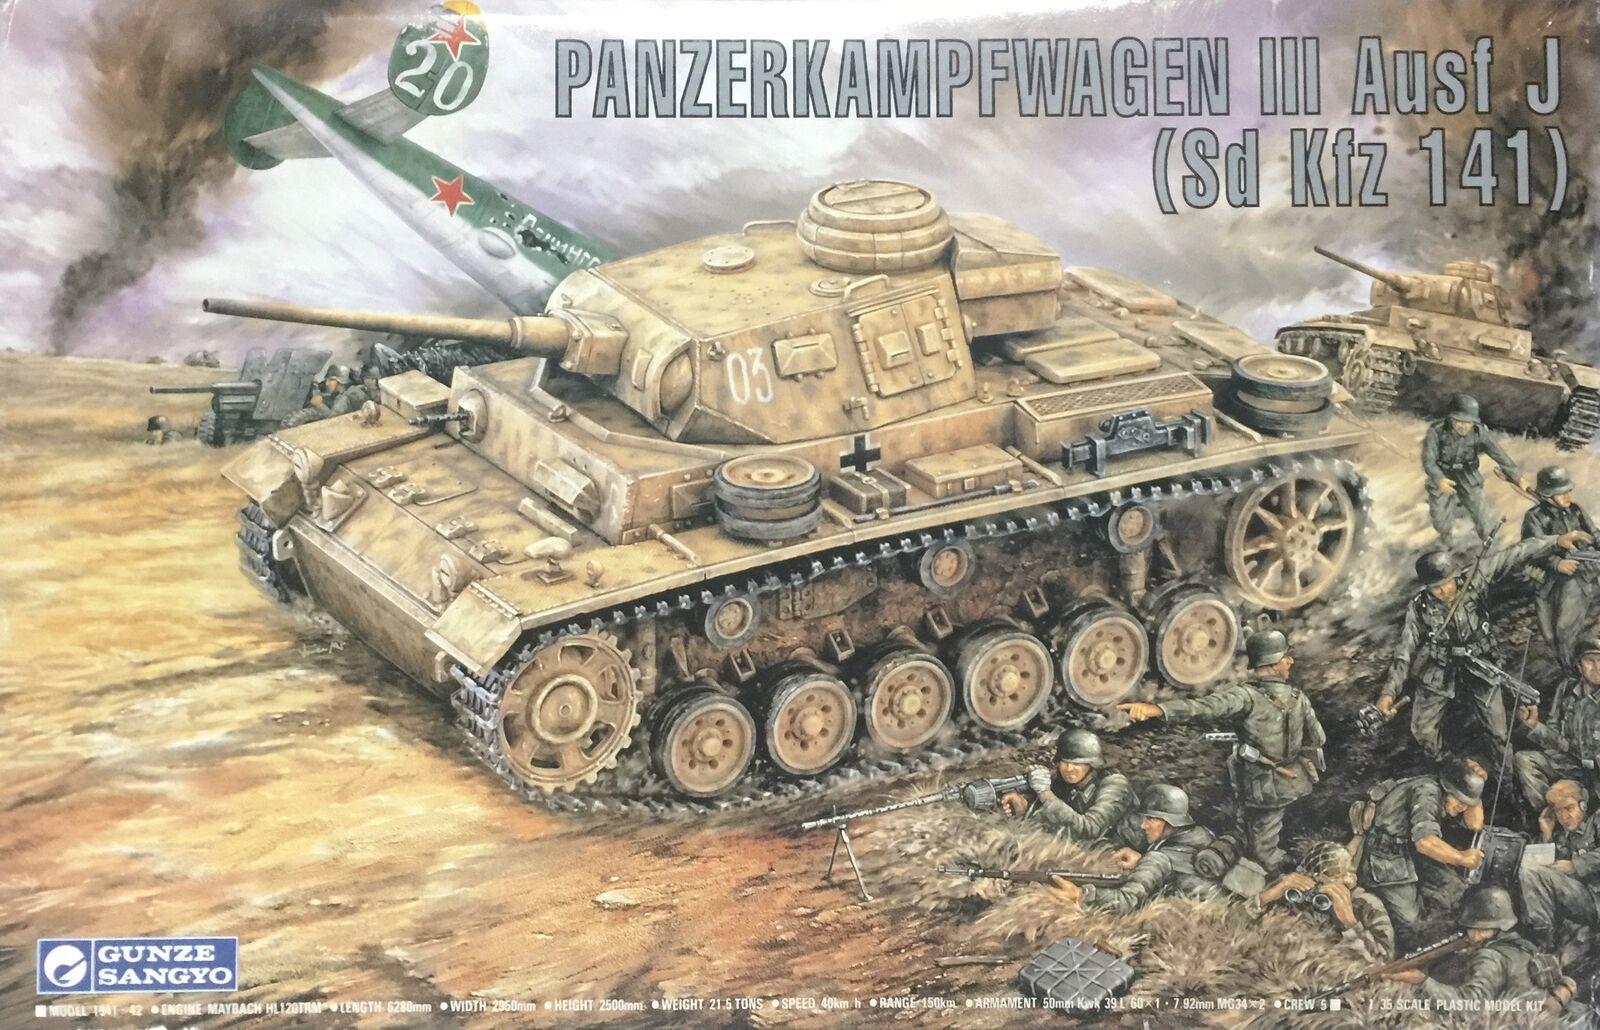 Gunze Sangyo Panzerkampfwagen III Ausf J (Sd Kfz 151) Ref G-764 Escala 1 35